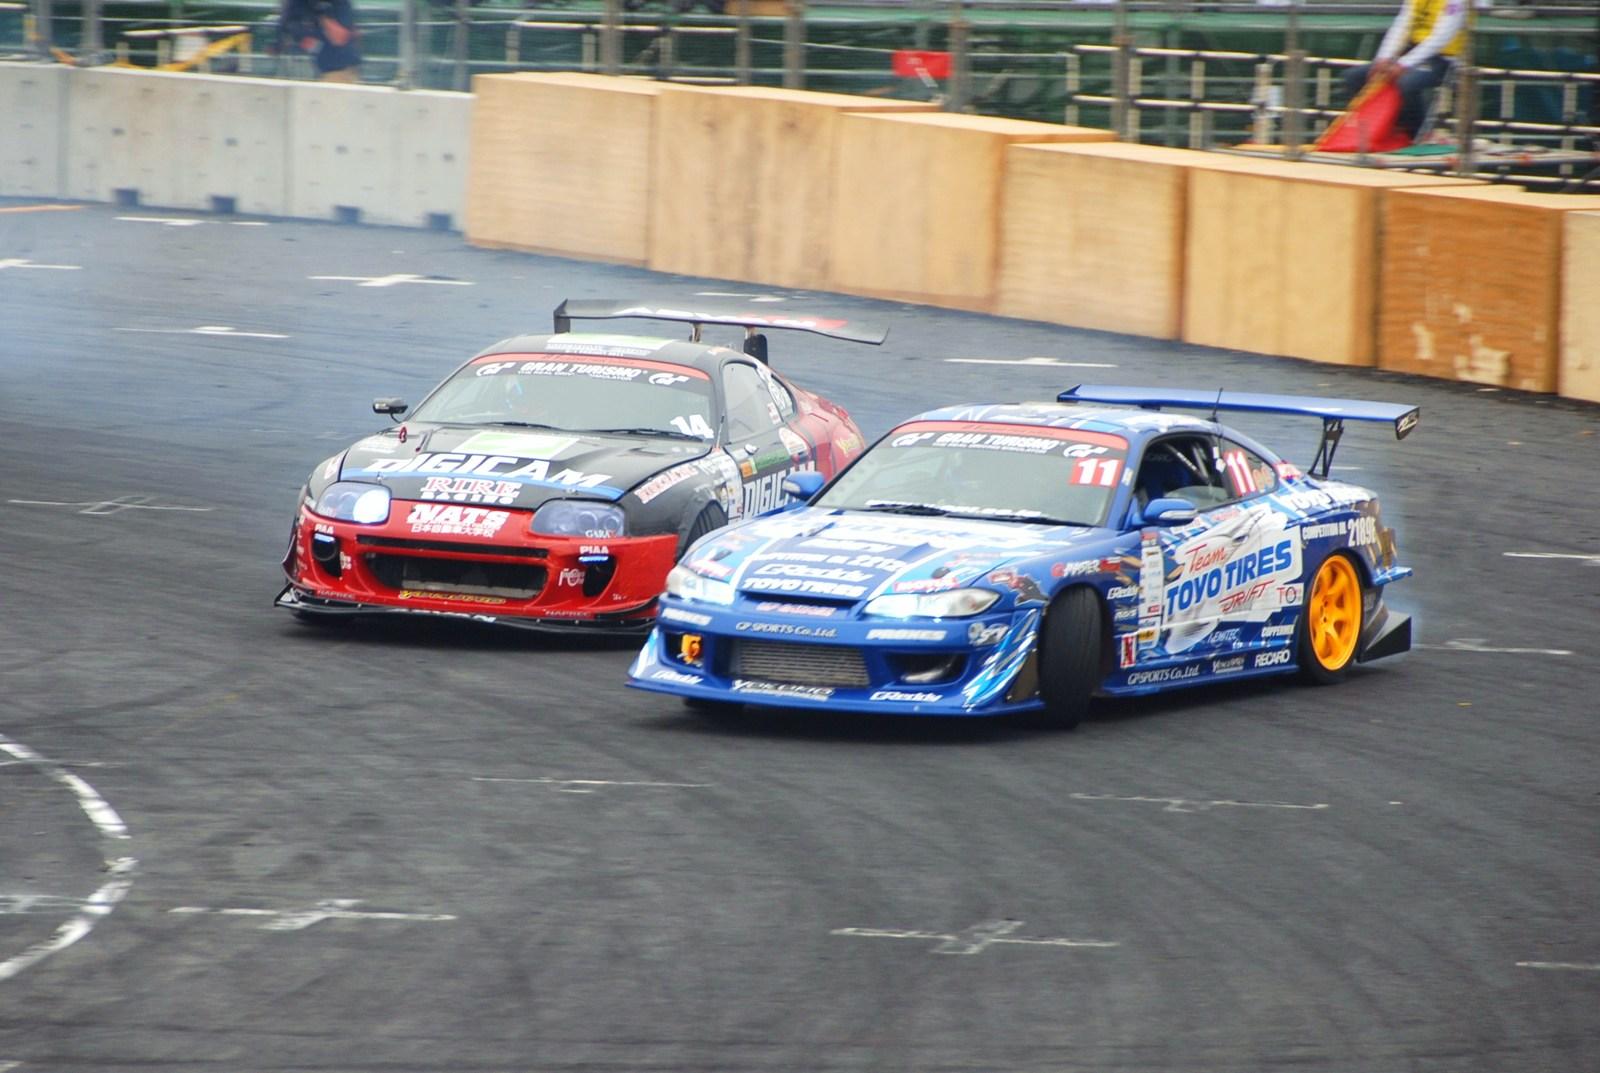 2011_tokyo_drift_2011645_476